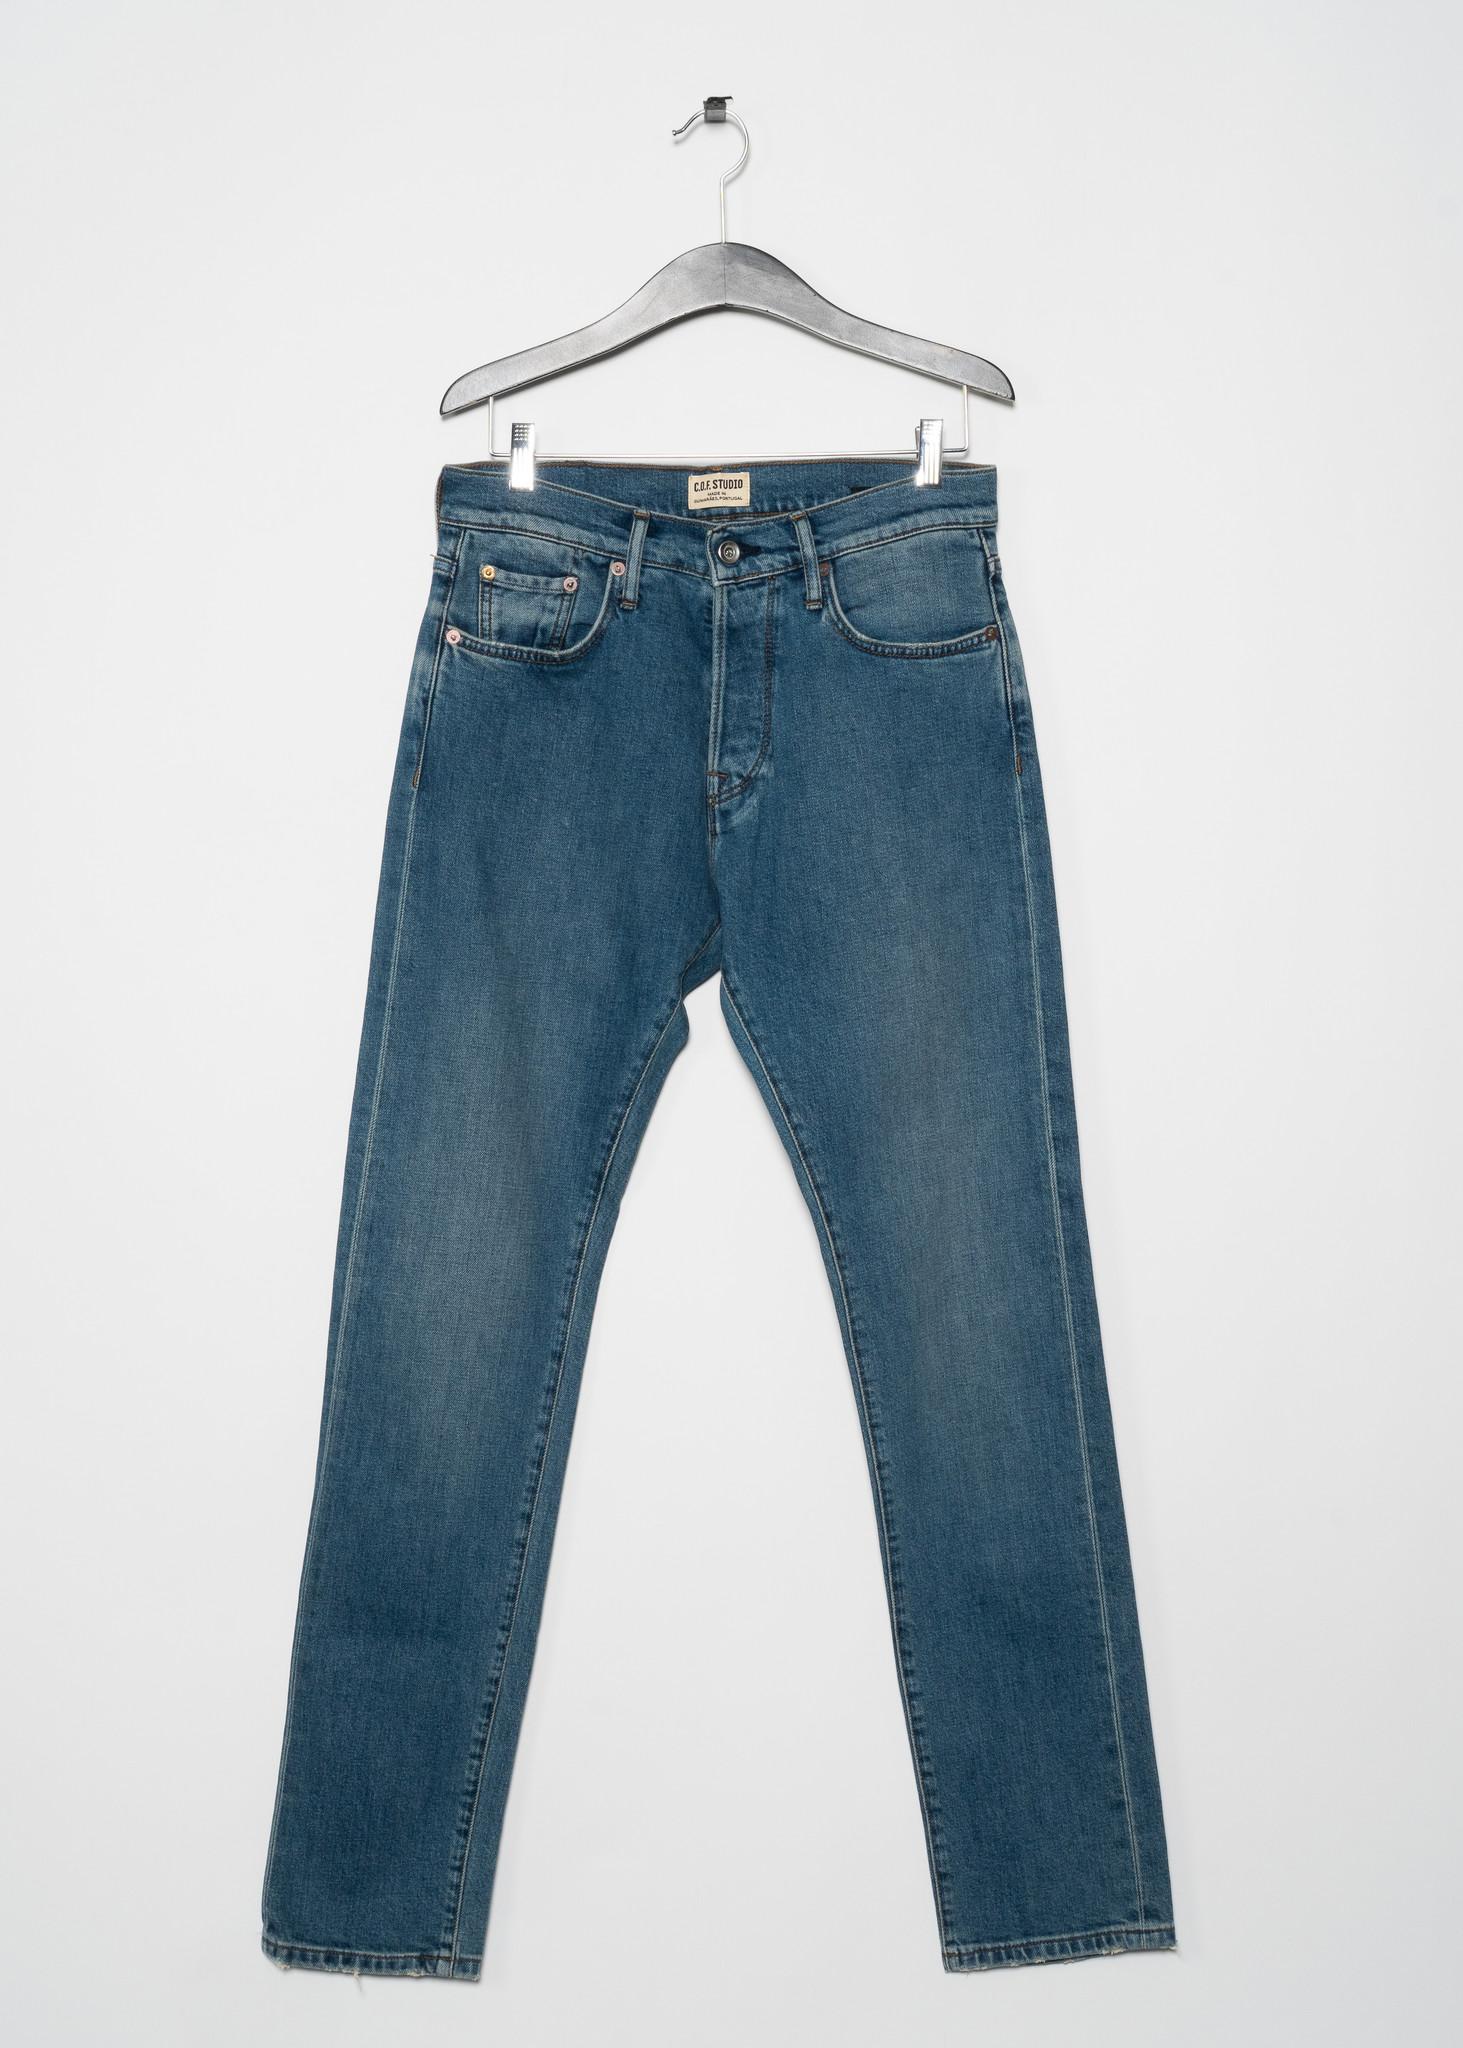 Jeans M7 Indigo